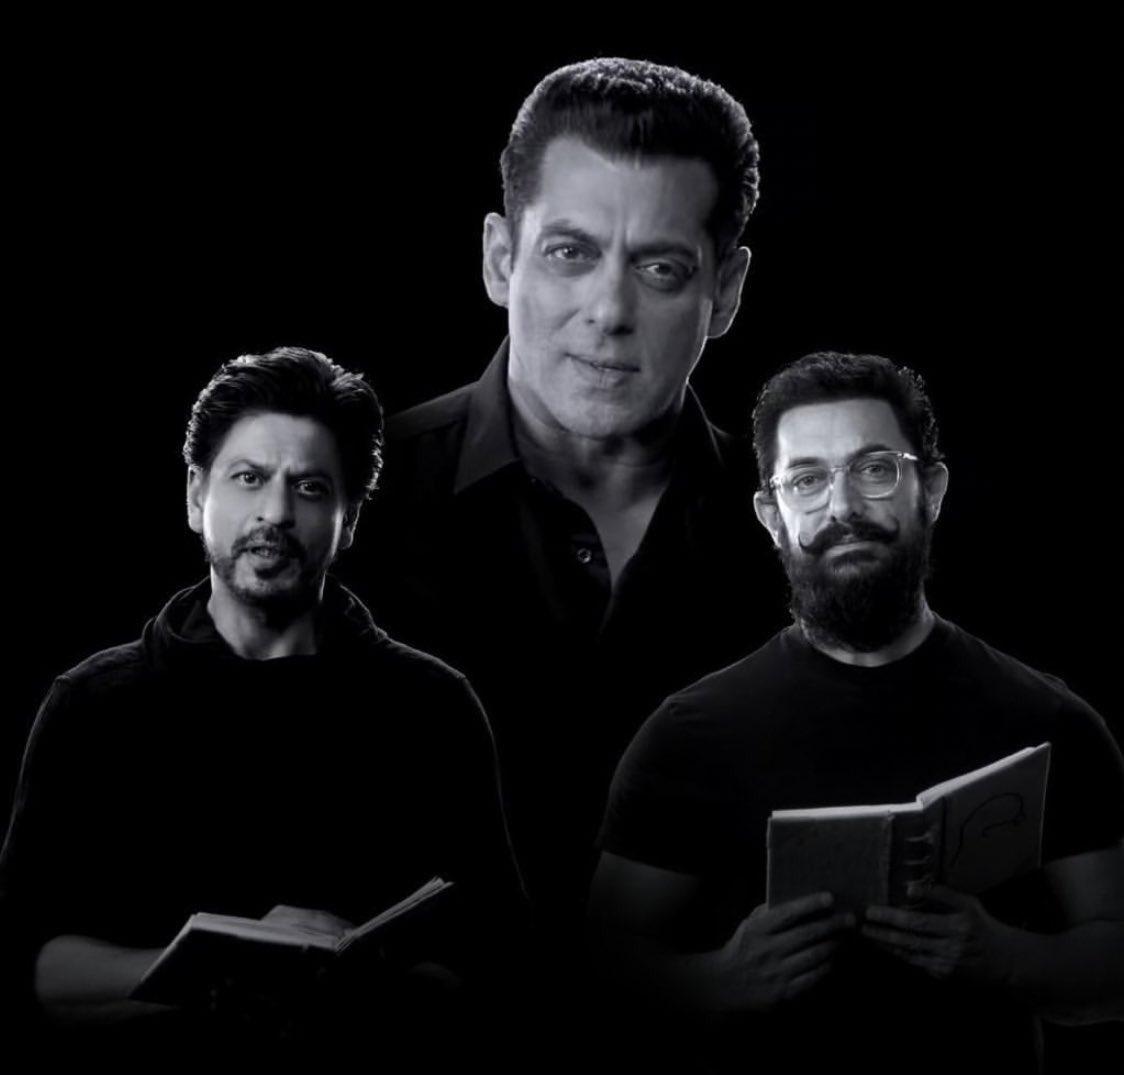 @BeingSalmanKhan #SalmanKhan